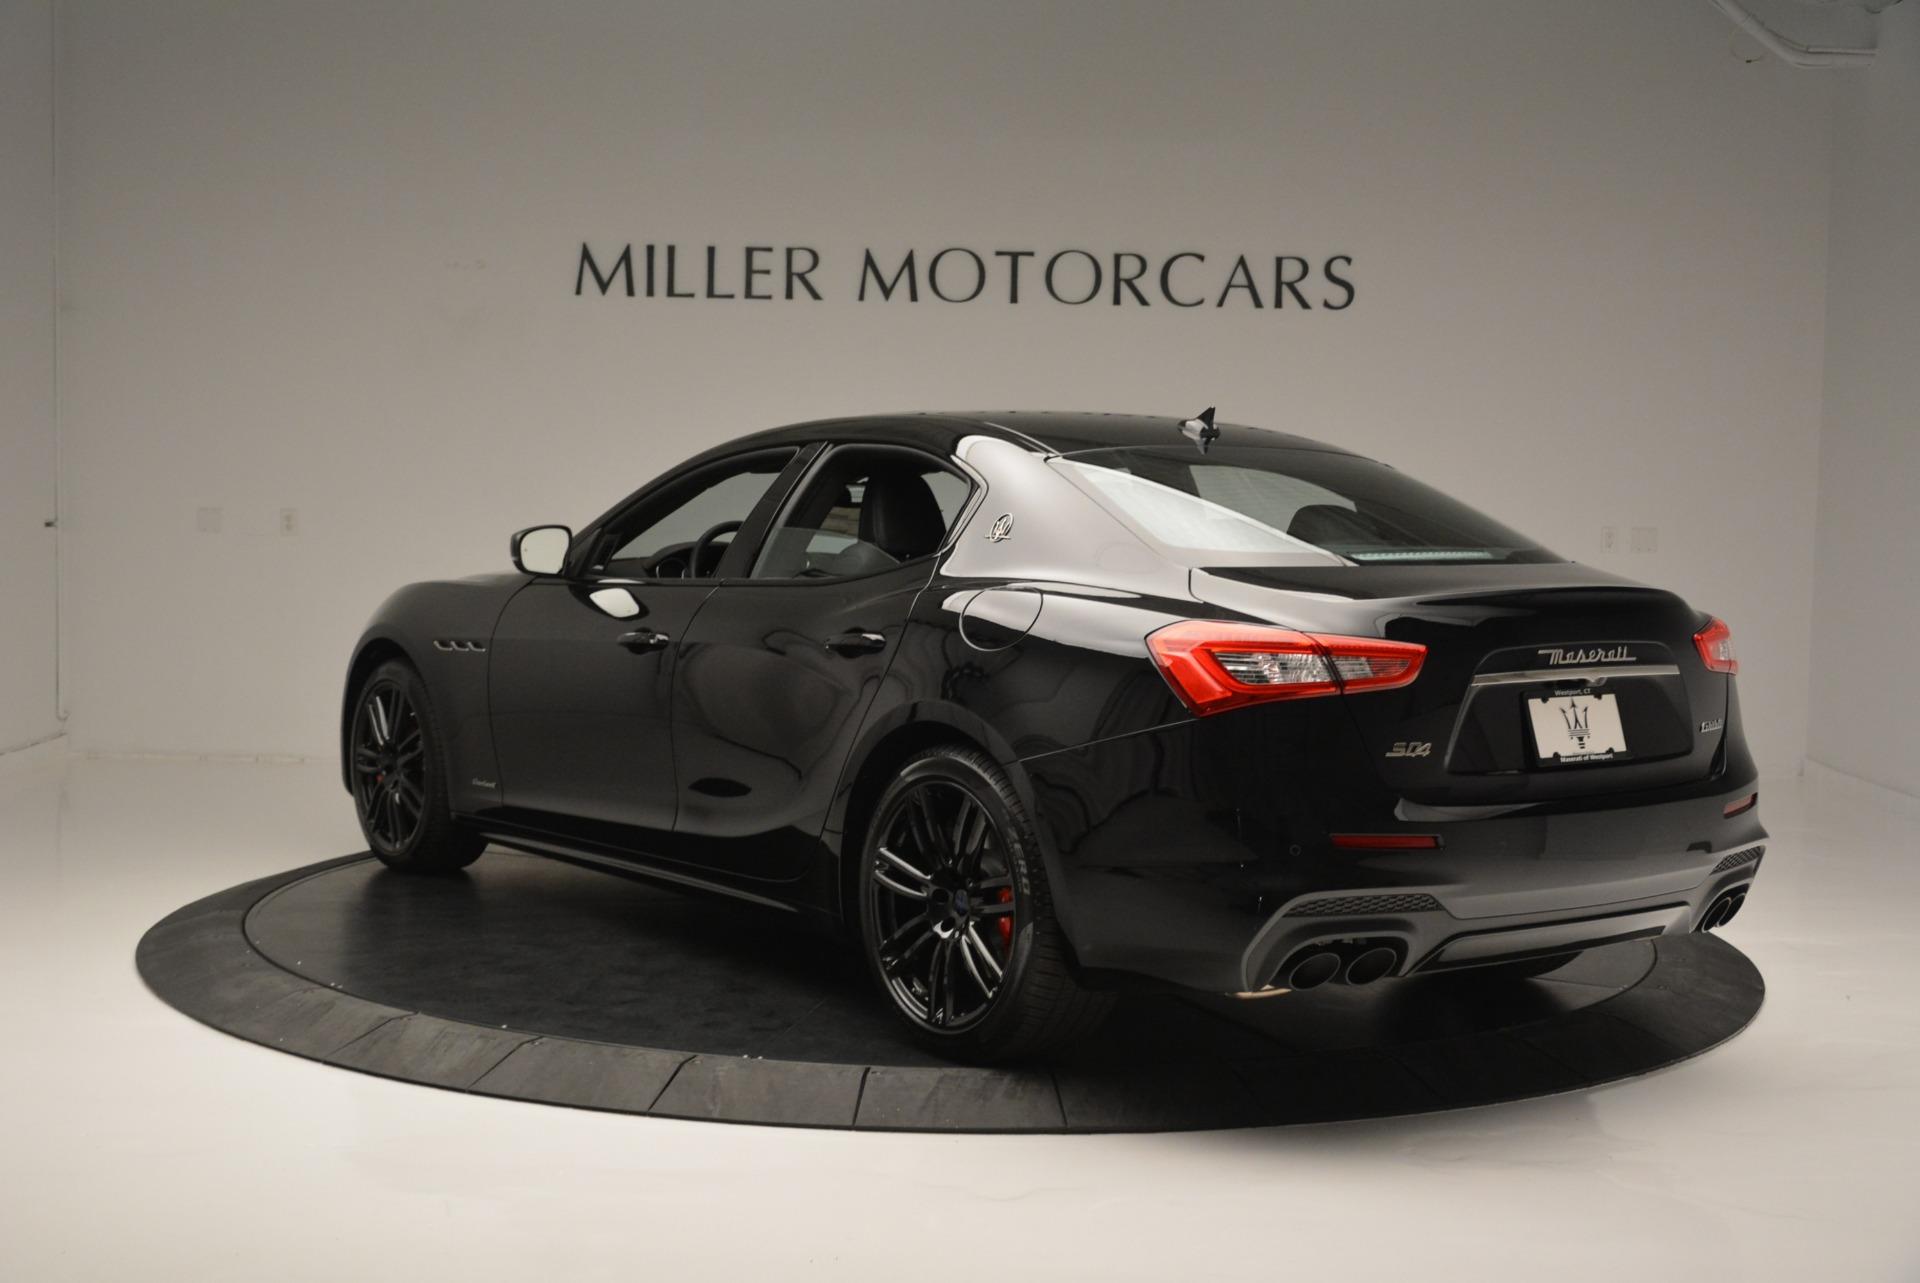 New 2018 Maserati Ghibli SQ4 GranSport Nerissimo For Sale In Greenwich, CT. Alfa Romeo of Greenwich, M2171 2366_p5